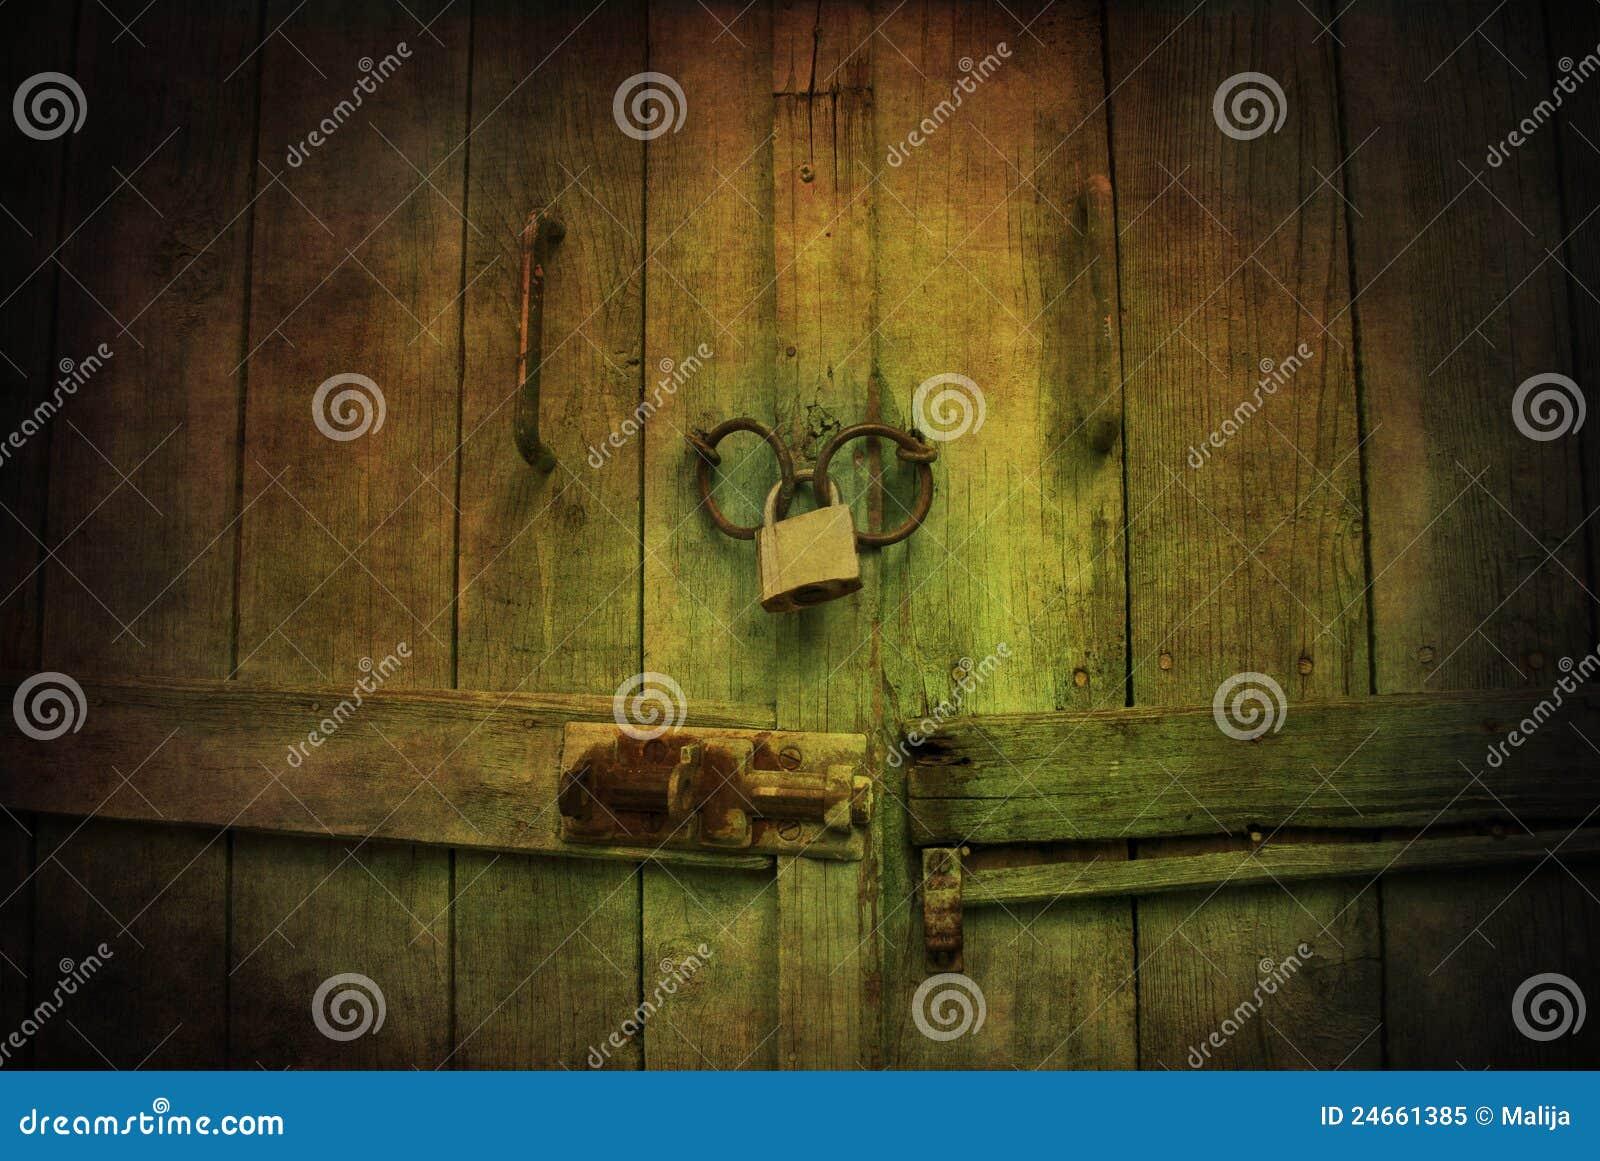 Porte en bois verrouillée mystique